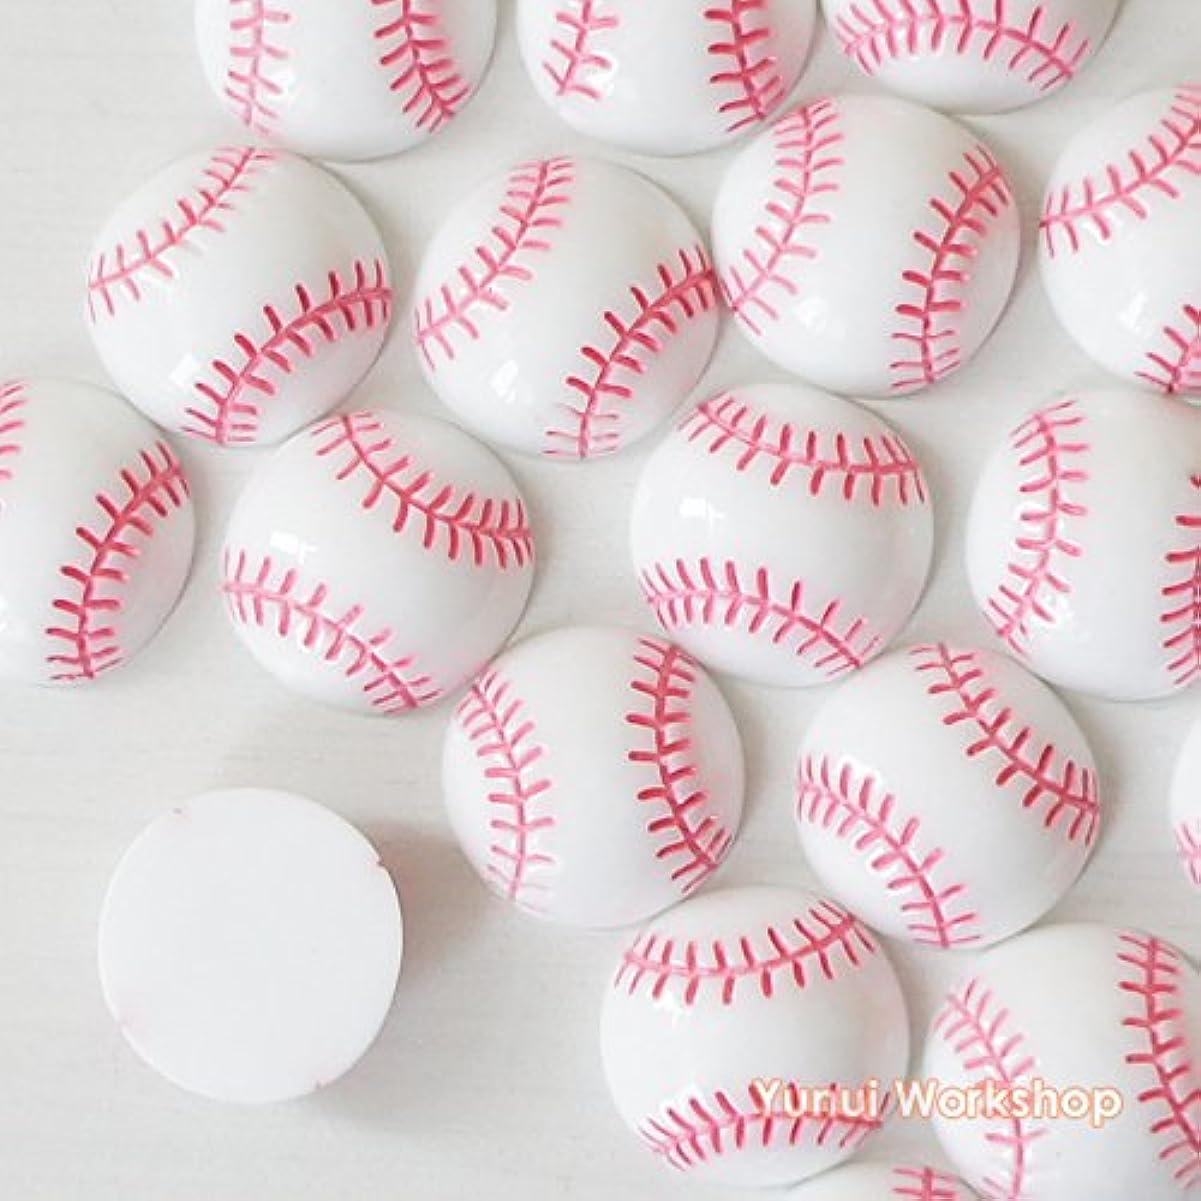 ために天文学規則性【野球ボール?6個】24mm x 24mm?デコ用?デコパーツ?カボション?レジン?手作り?手芸?DIY?材料?小物?装飾用